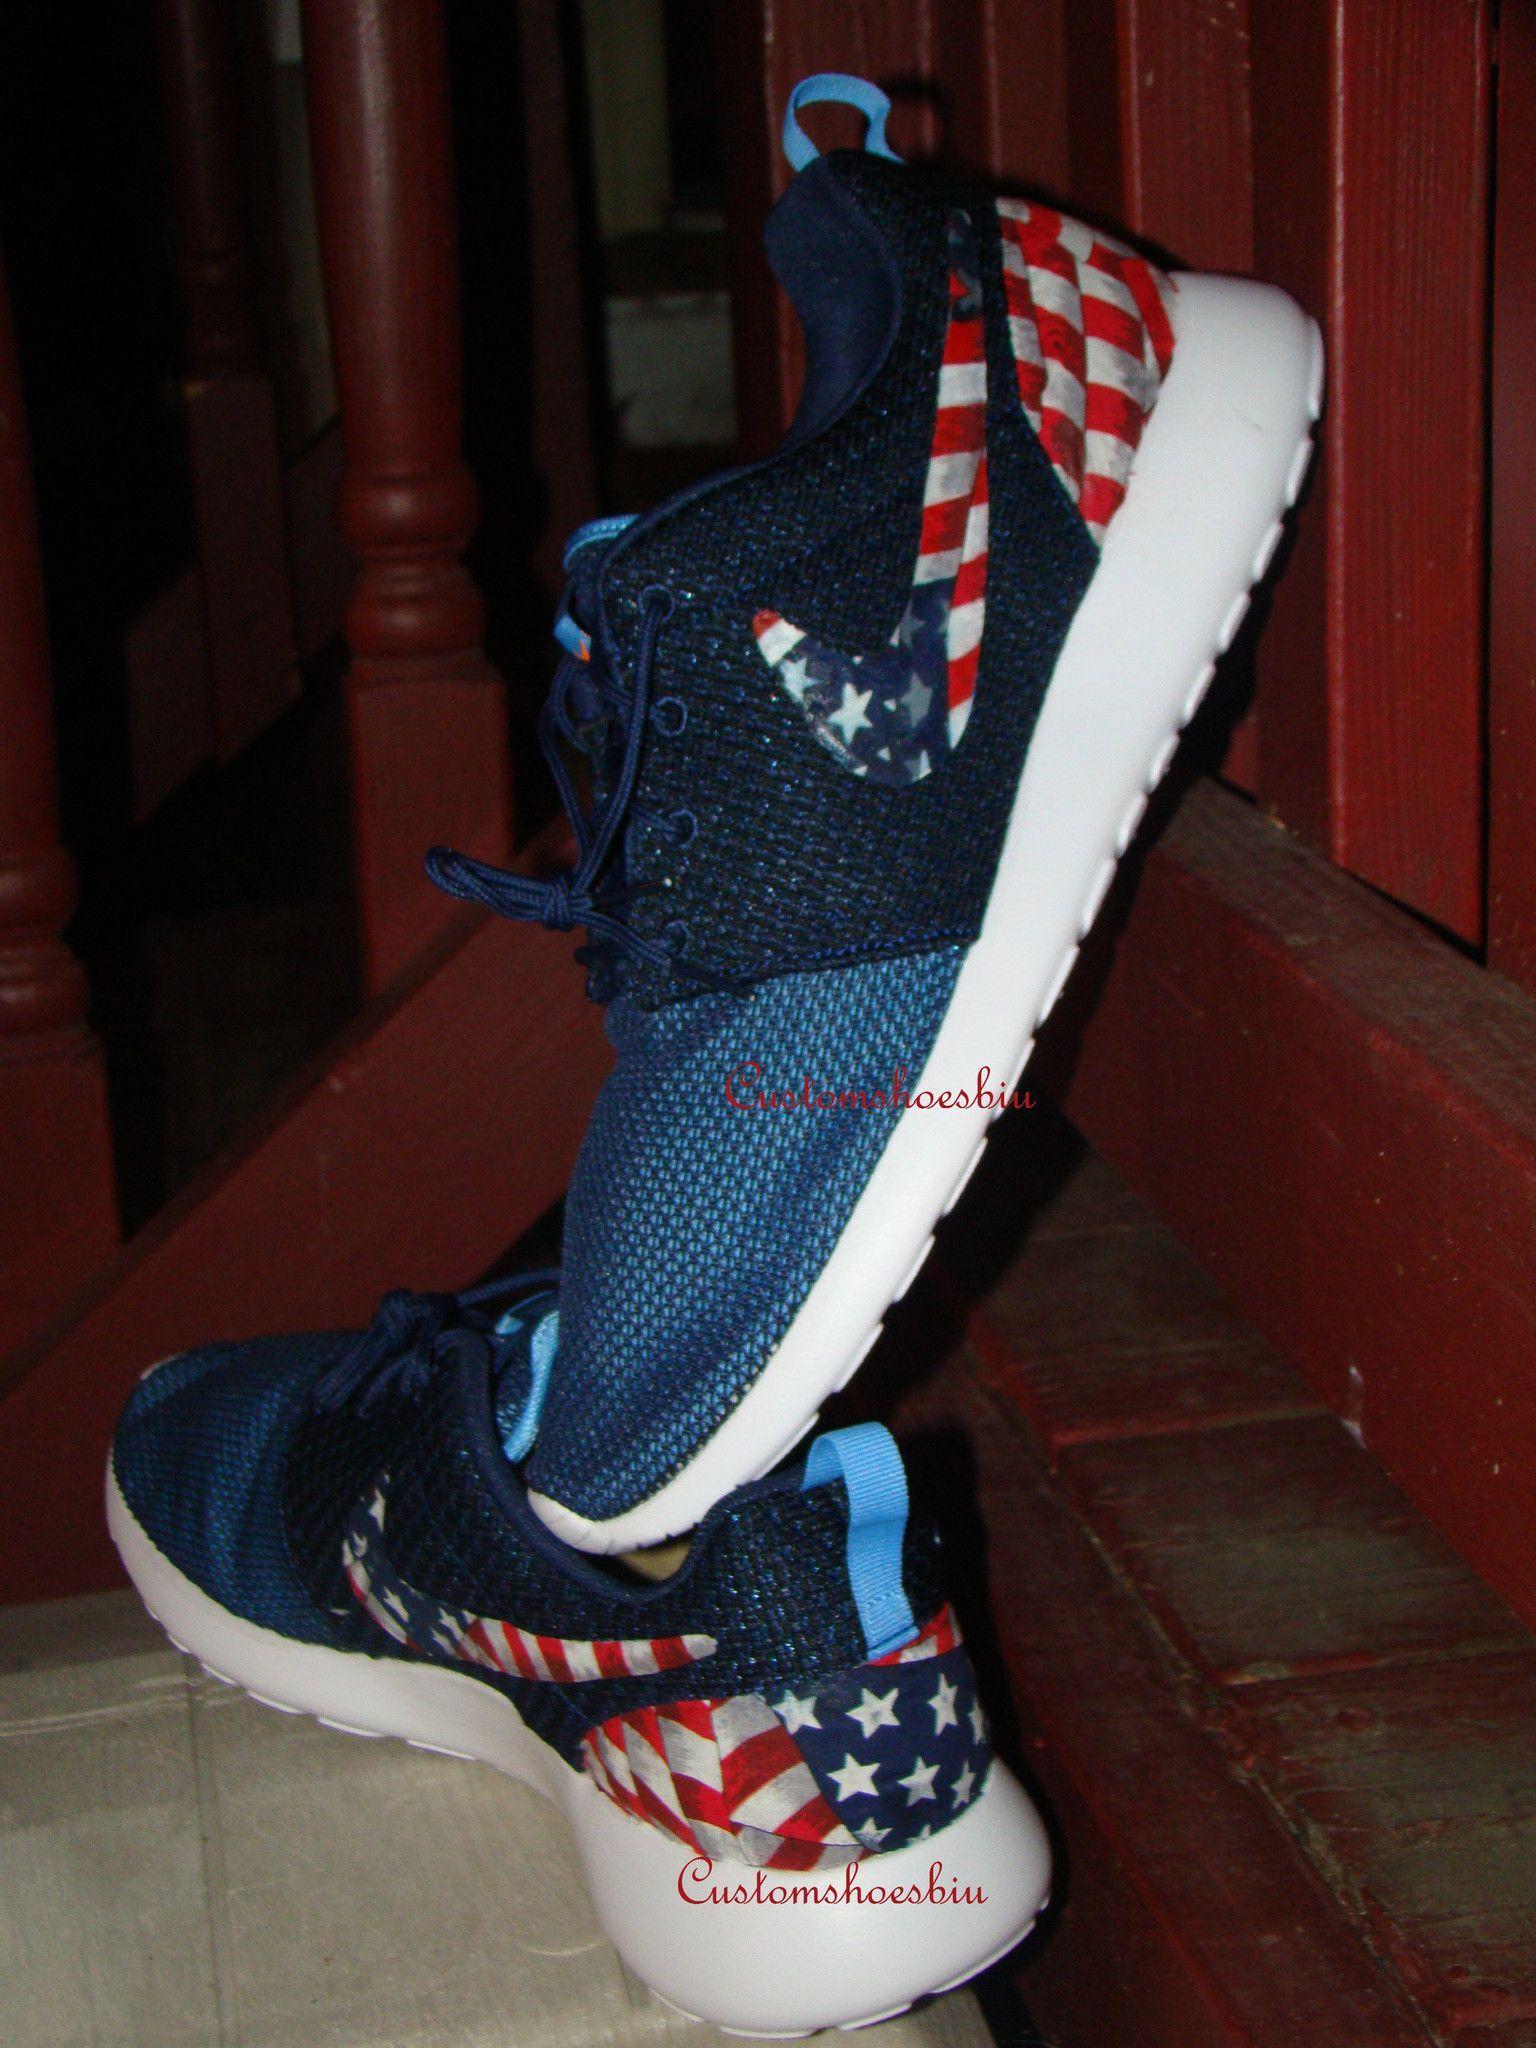 e280d32d18e8 ... new zealand custom nike roshe run navy nike roshe runs american flag  print women men 29df2